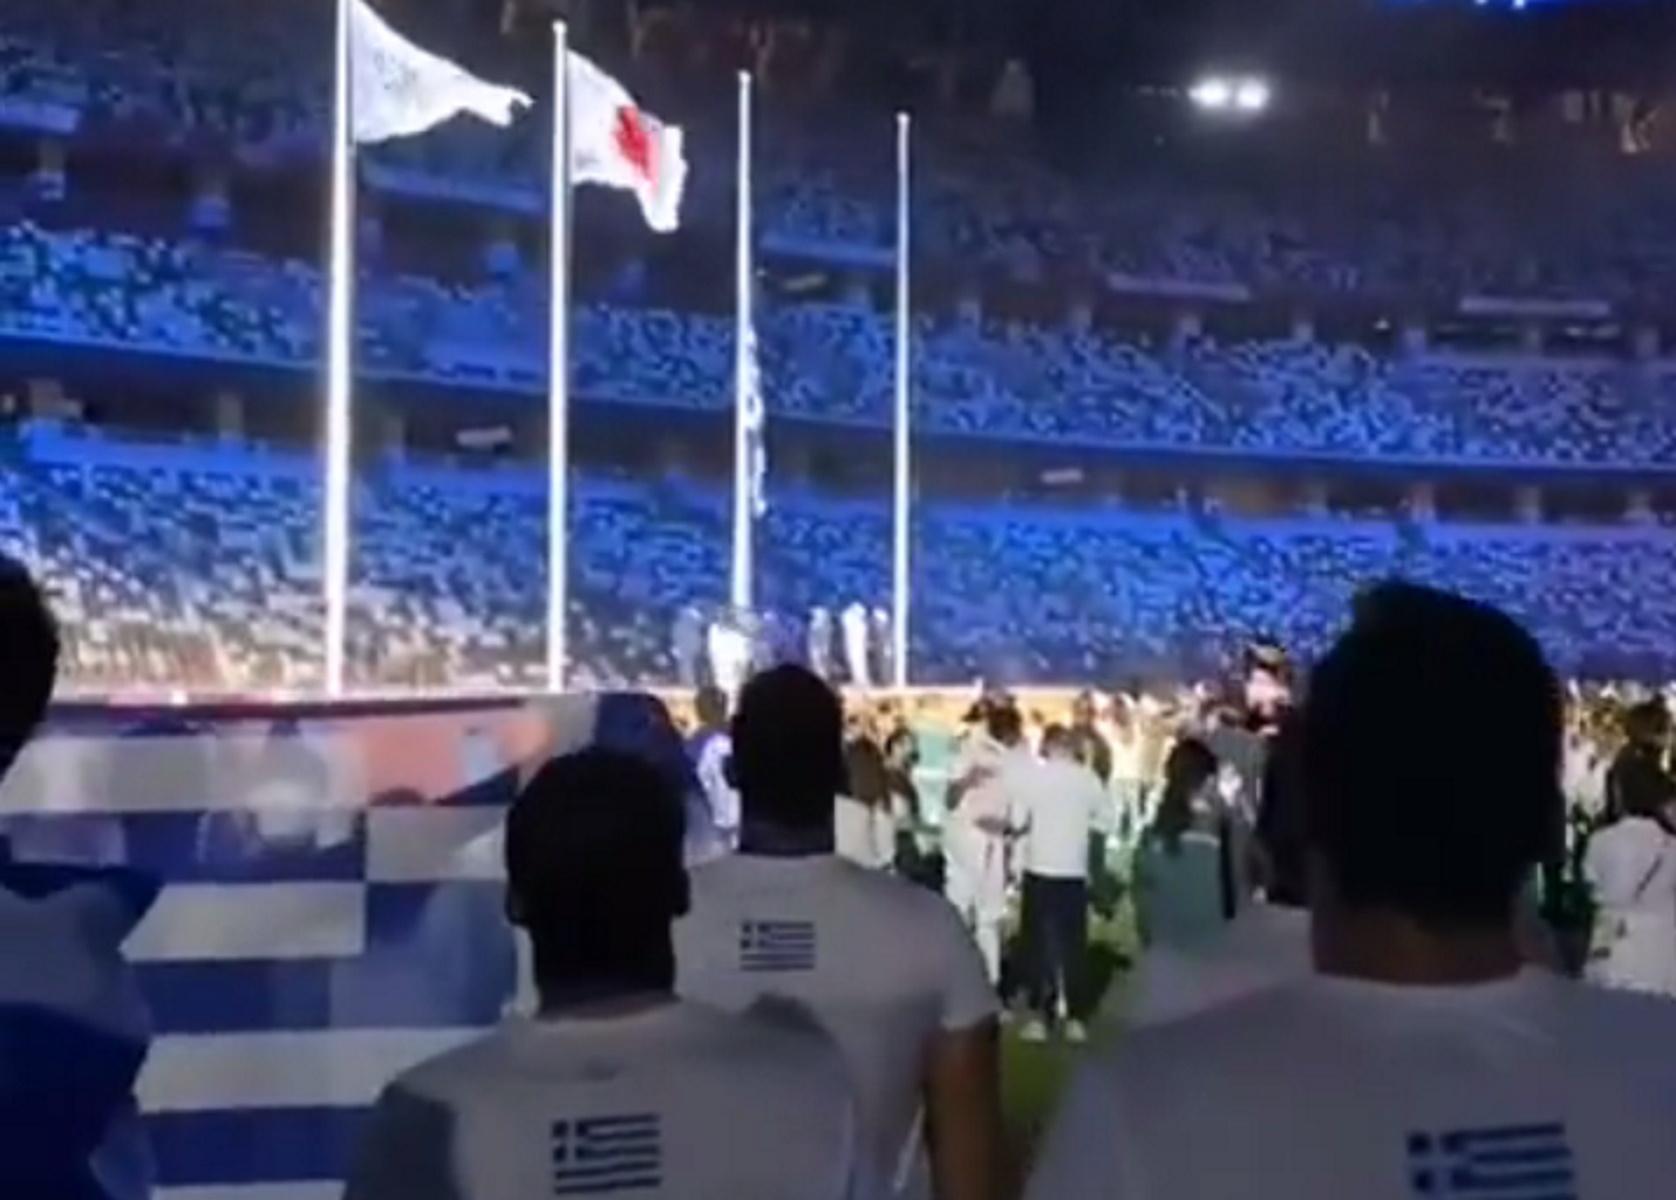 Εθνική πόλο: Οι διεθνείς τραγούδησαν τον Εθνικό ύμνο στην Τελετή Λήξης των Ολυμπιακών Αγώνων